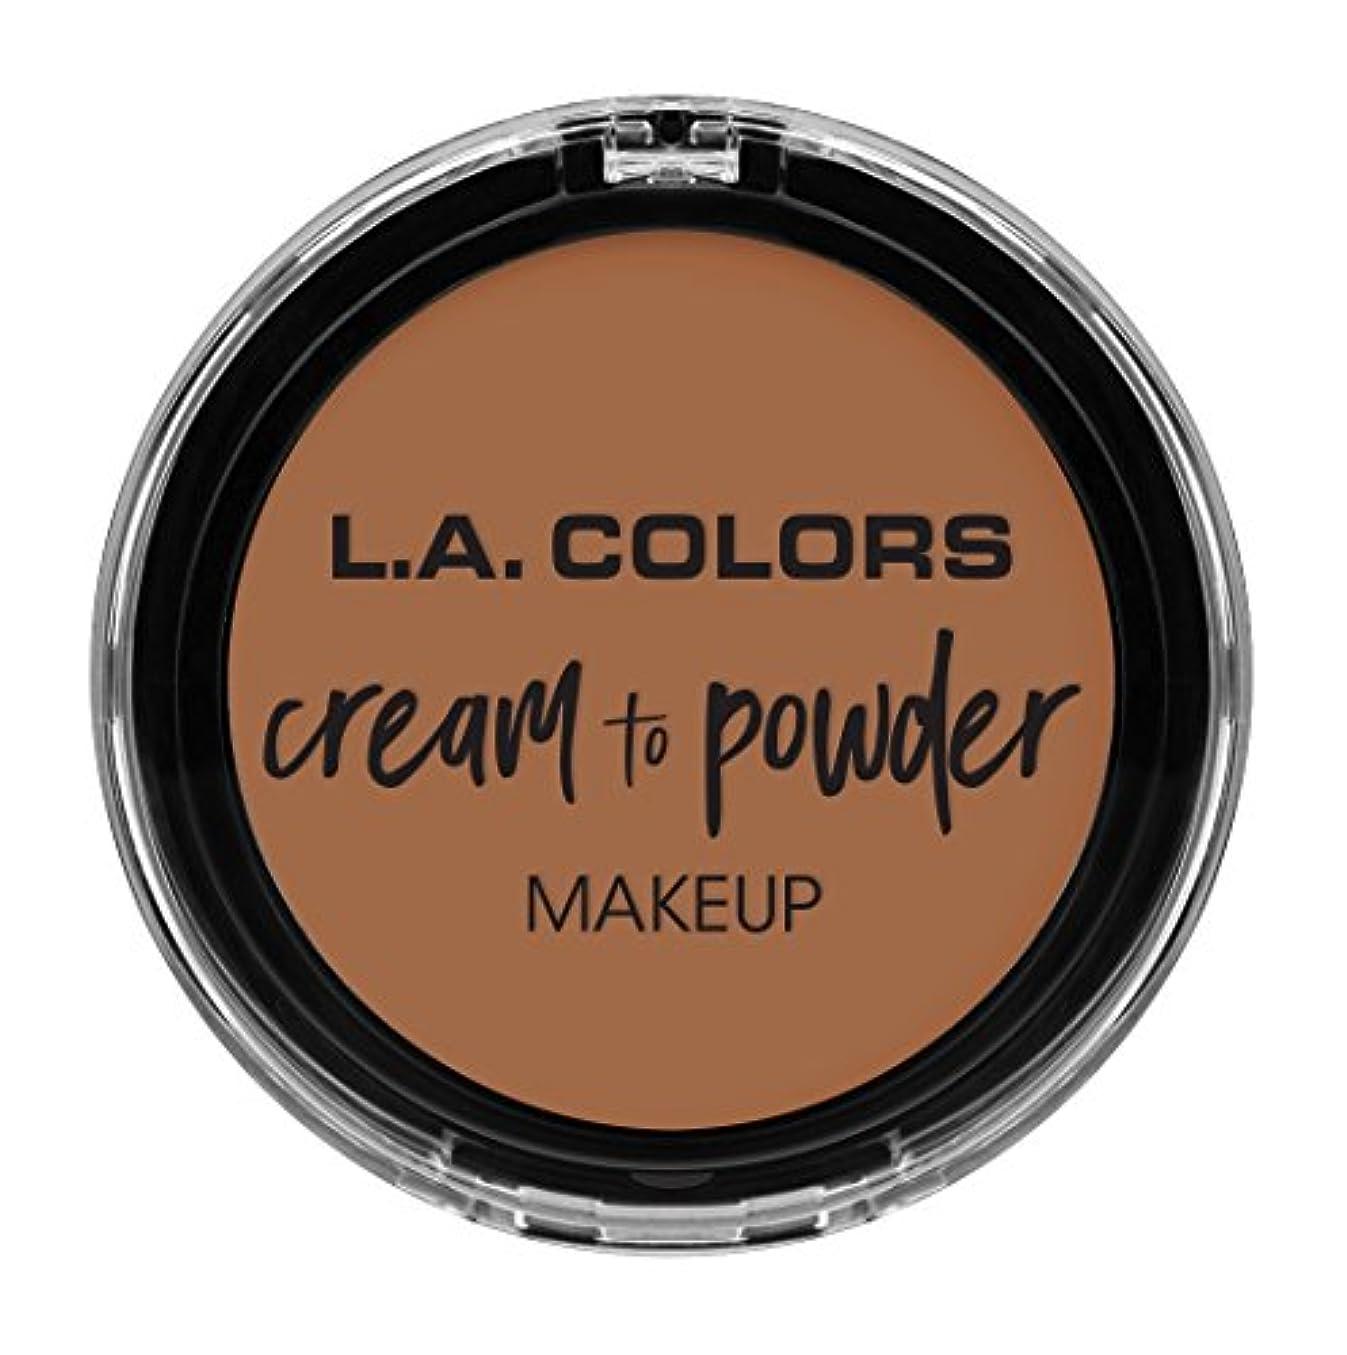 通行料金抜け目のない型L.A. COLORS Cream To Powder Foundation - Medium Beige (並行輸入品)